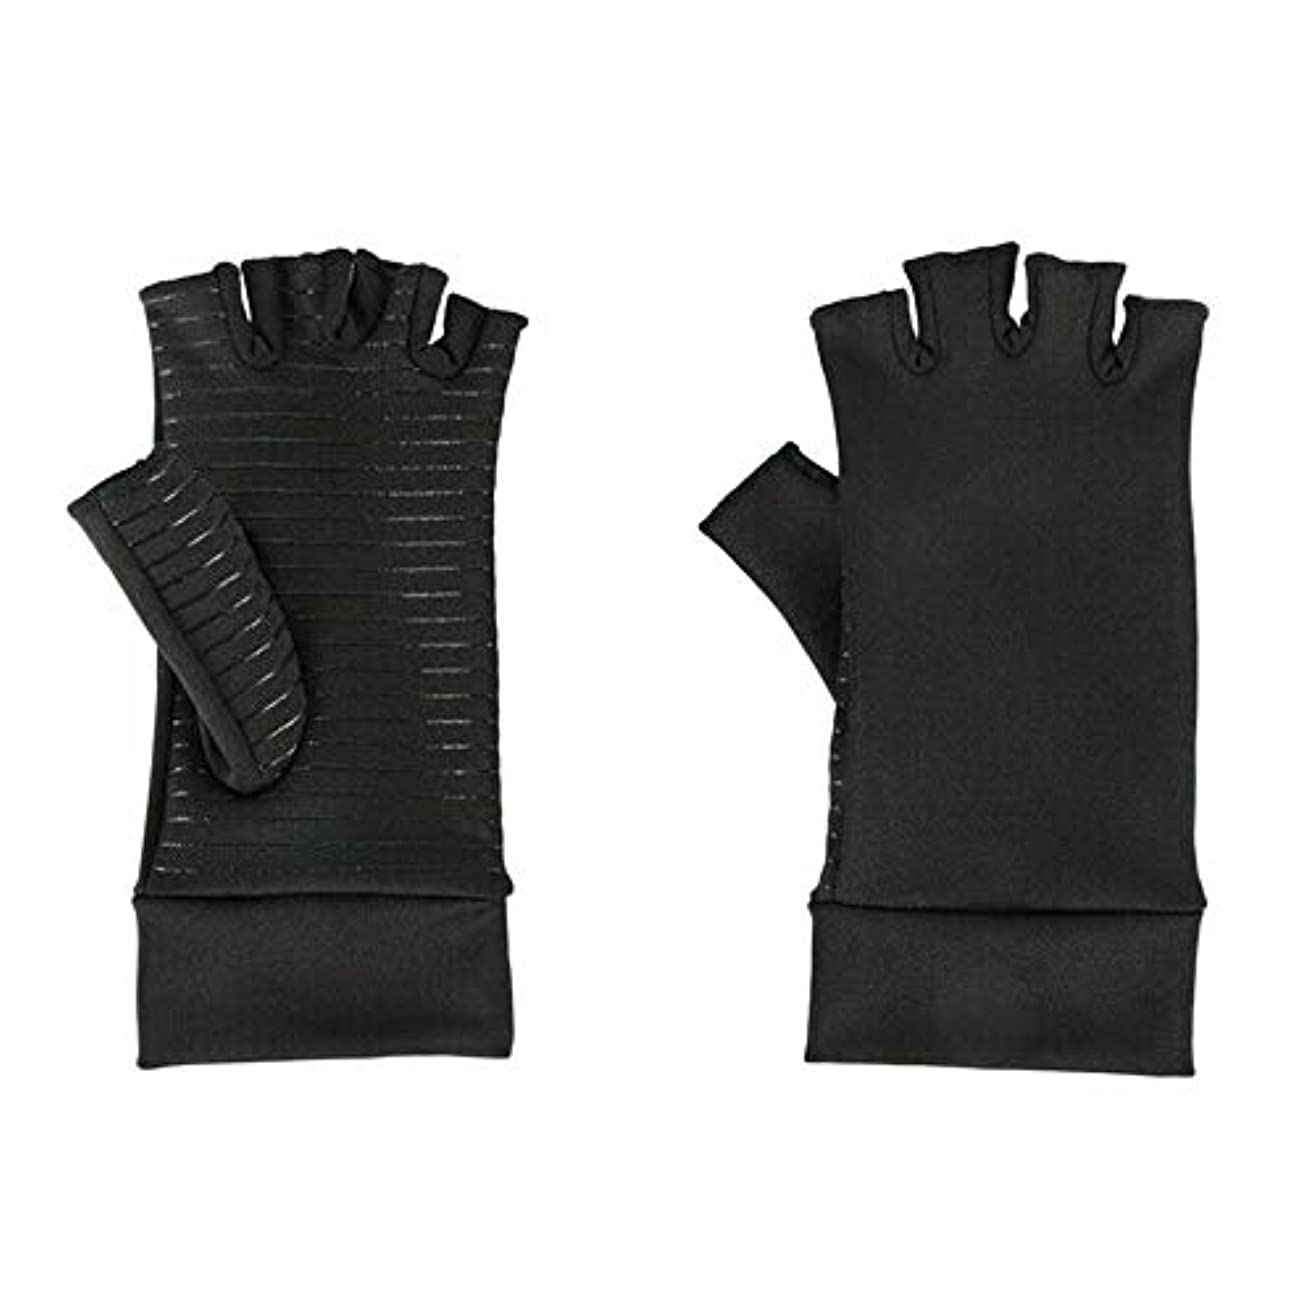 十代アプライアンス詳細にACAMPTAR 圧縮手袋、関節炎、手根管、手首の装具、サポート、M